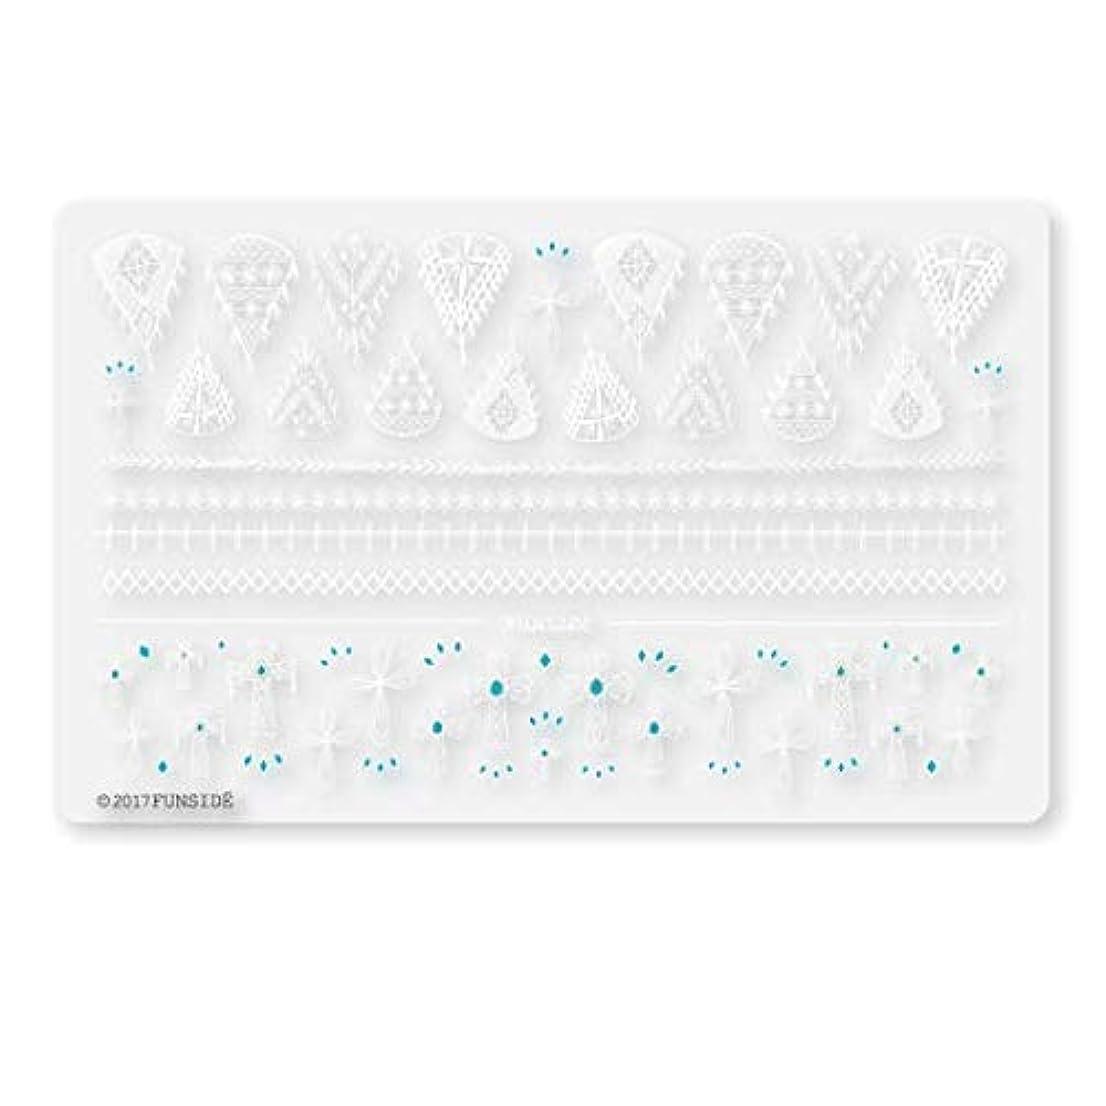 テンション重要な役割を果たす、中心的な手段となるアリーナ未硬化ジェル対応 Crochet + クロシェクロス ネイルシール ネイルステッカー クロッシェ クロス エスニック ボヘミアン 貼りやすい 貼るだけ 極薄シート 日本製